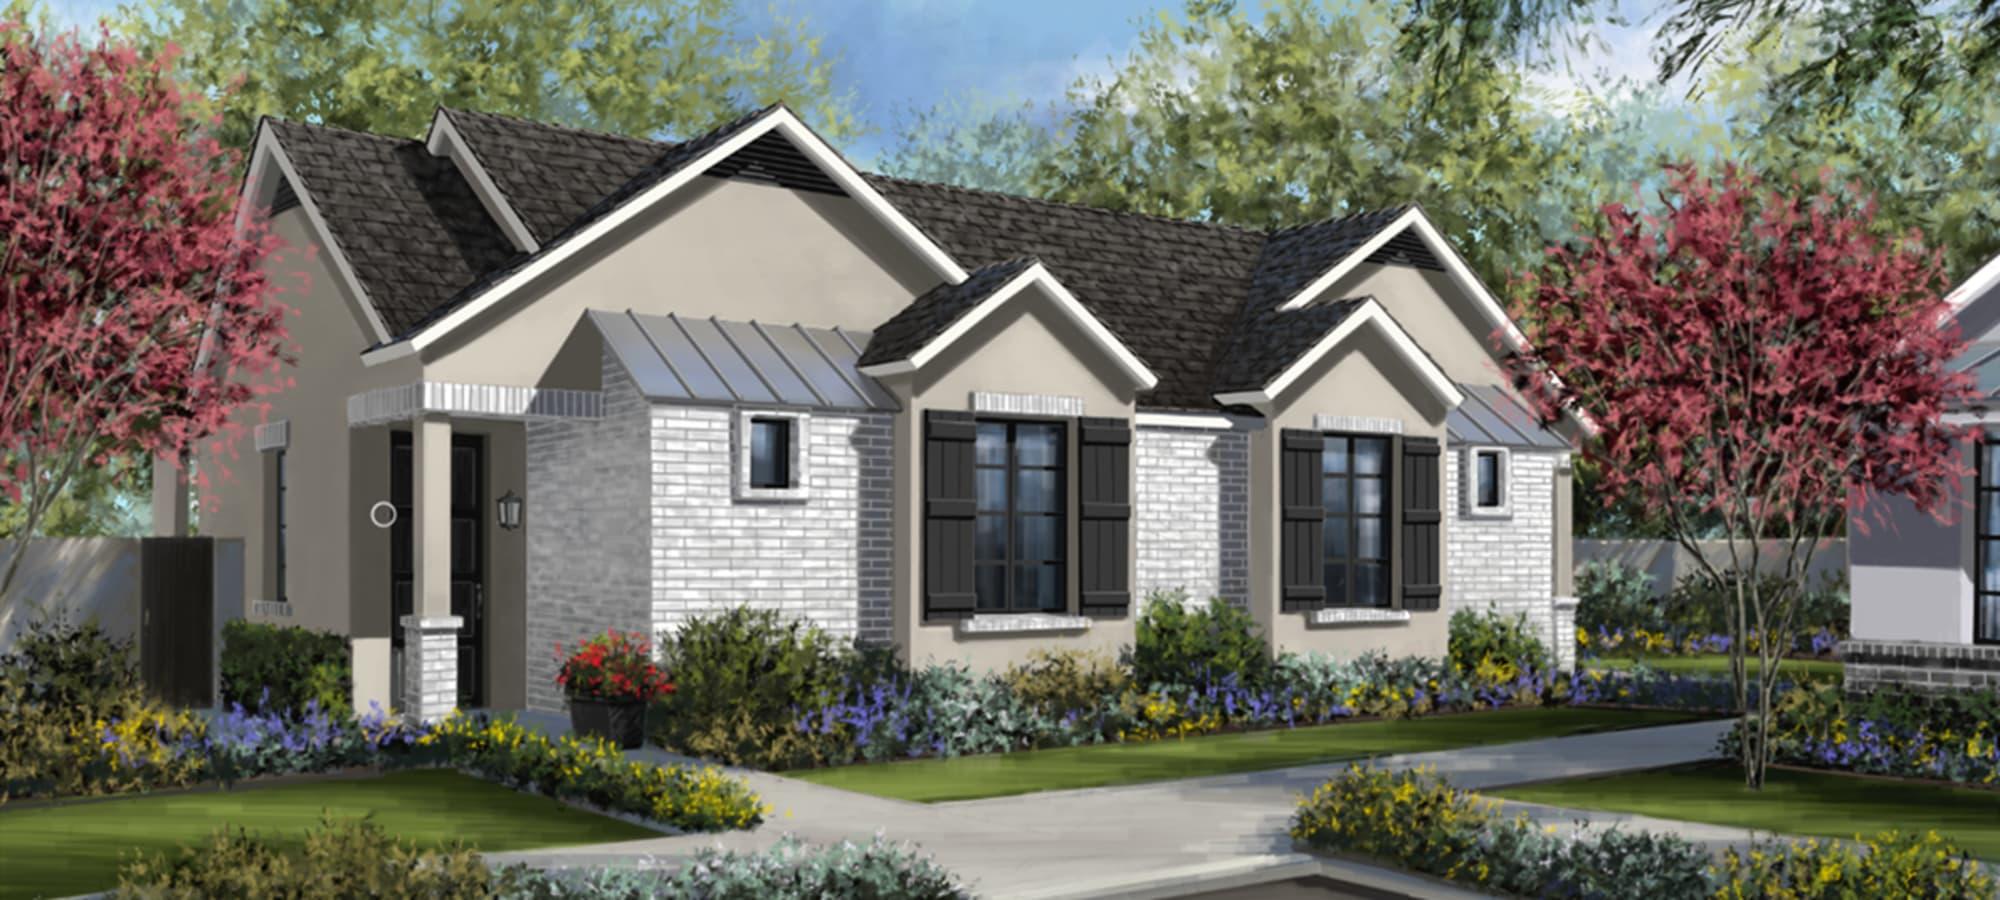 EVR Spur Cross exterior rendering of home in Queen Creek, Arizona